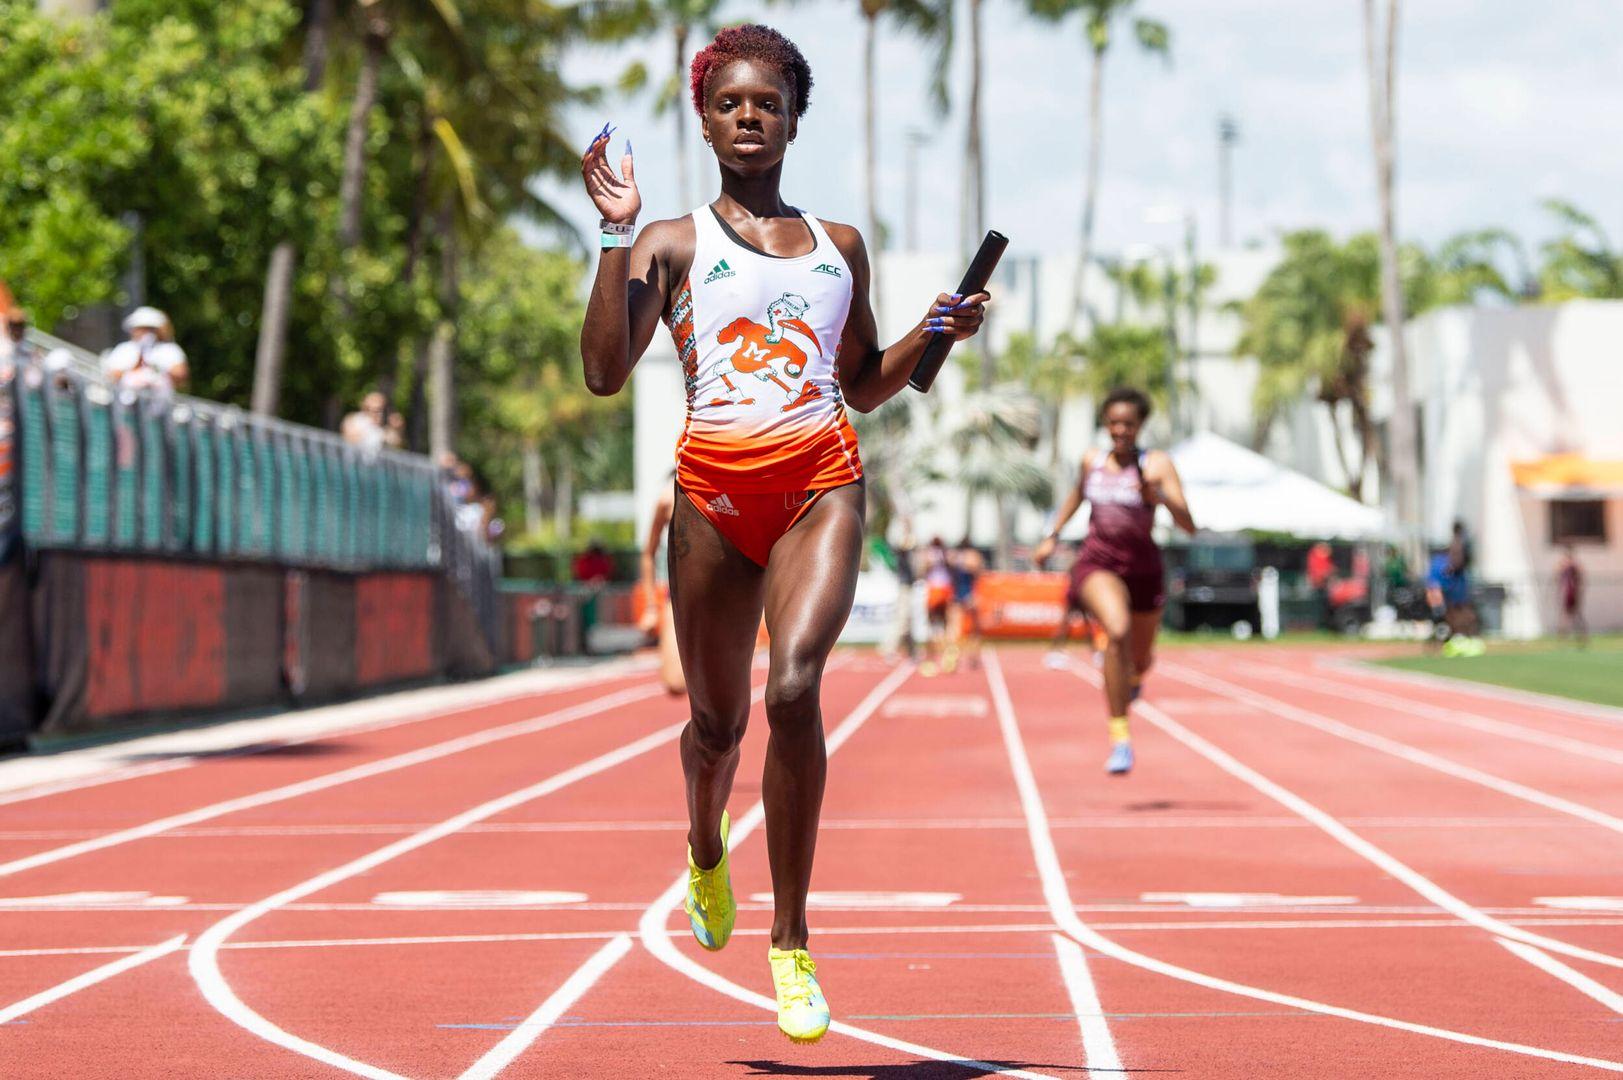 Miami Women Ranked No. 22